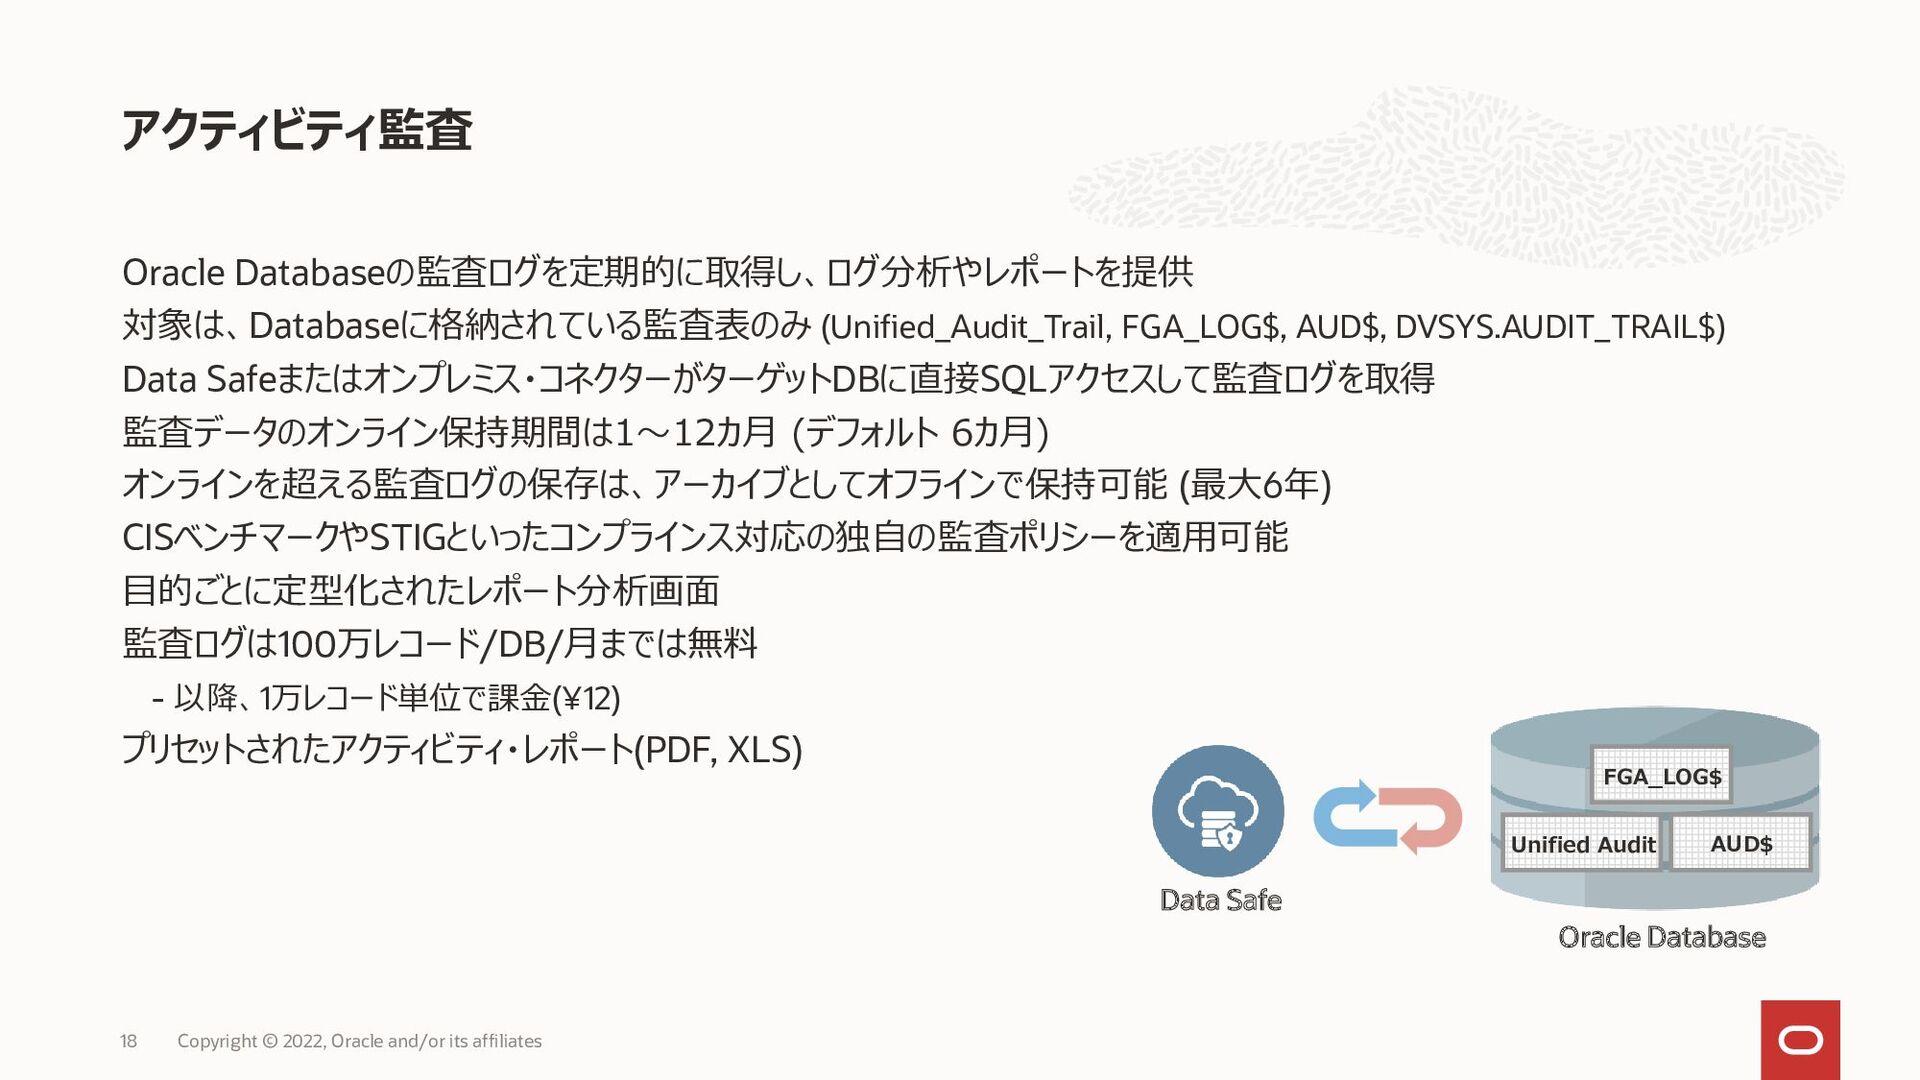 オンプレミスにあるOracle Databaseへの接続 (On-Premises Conne...